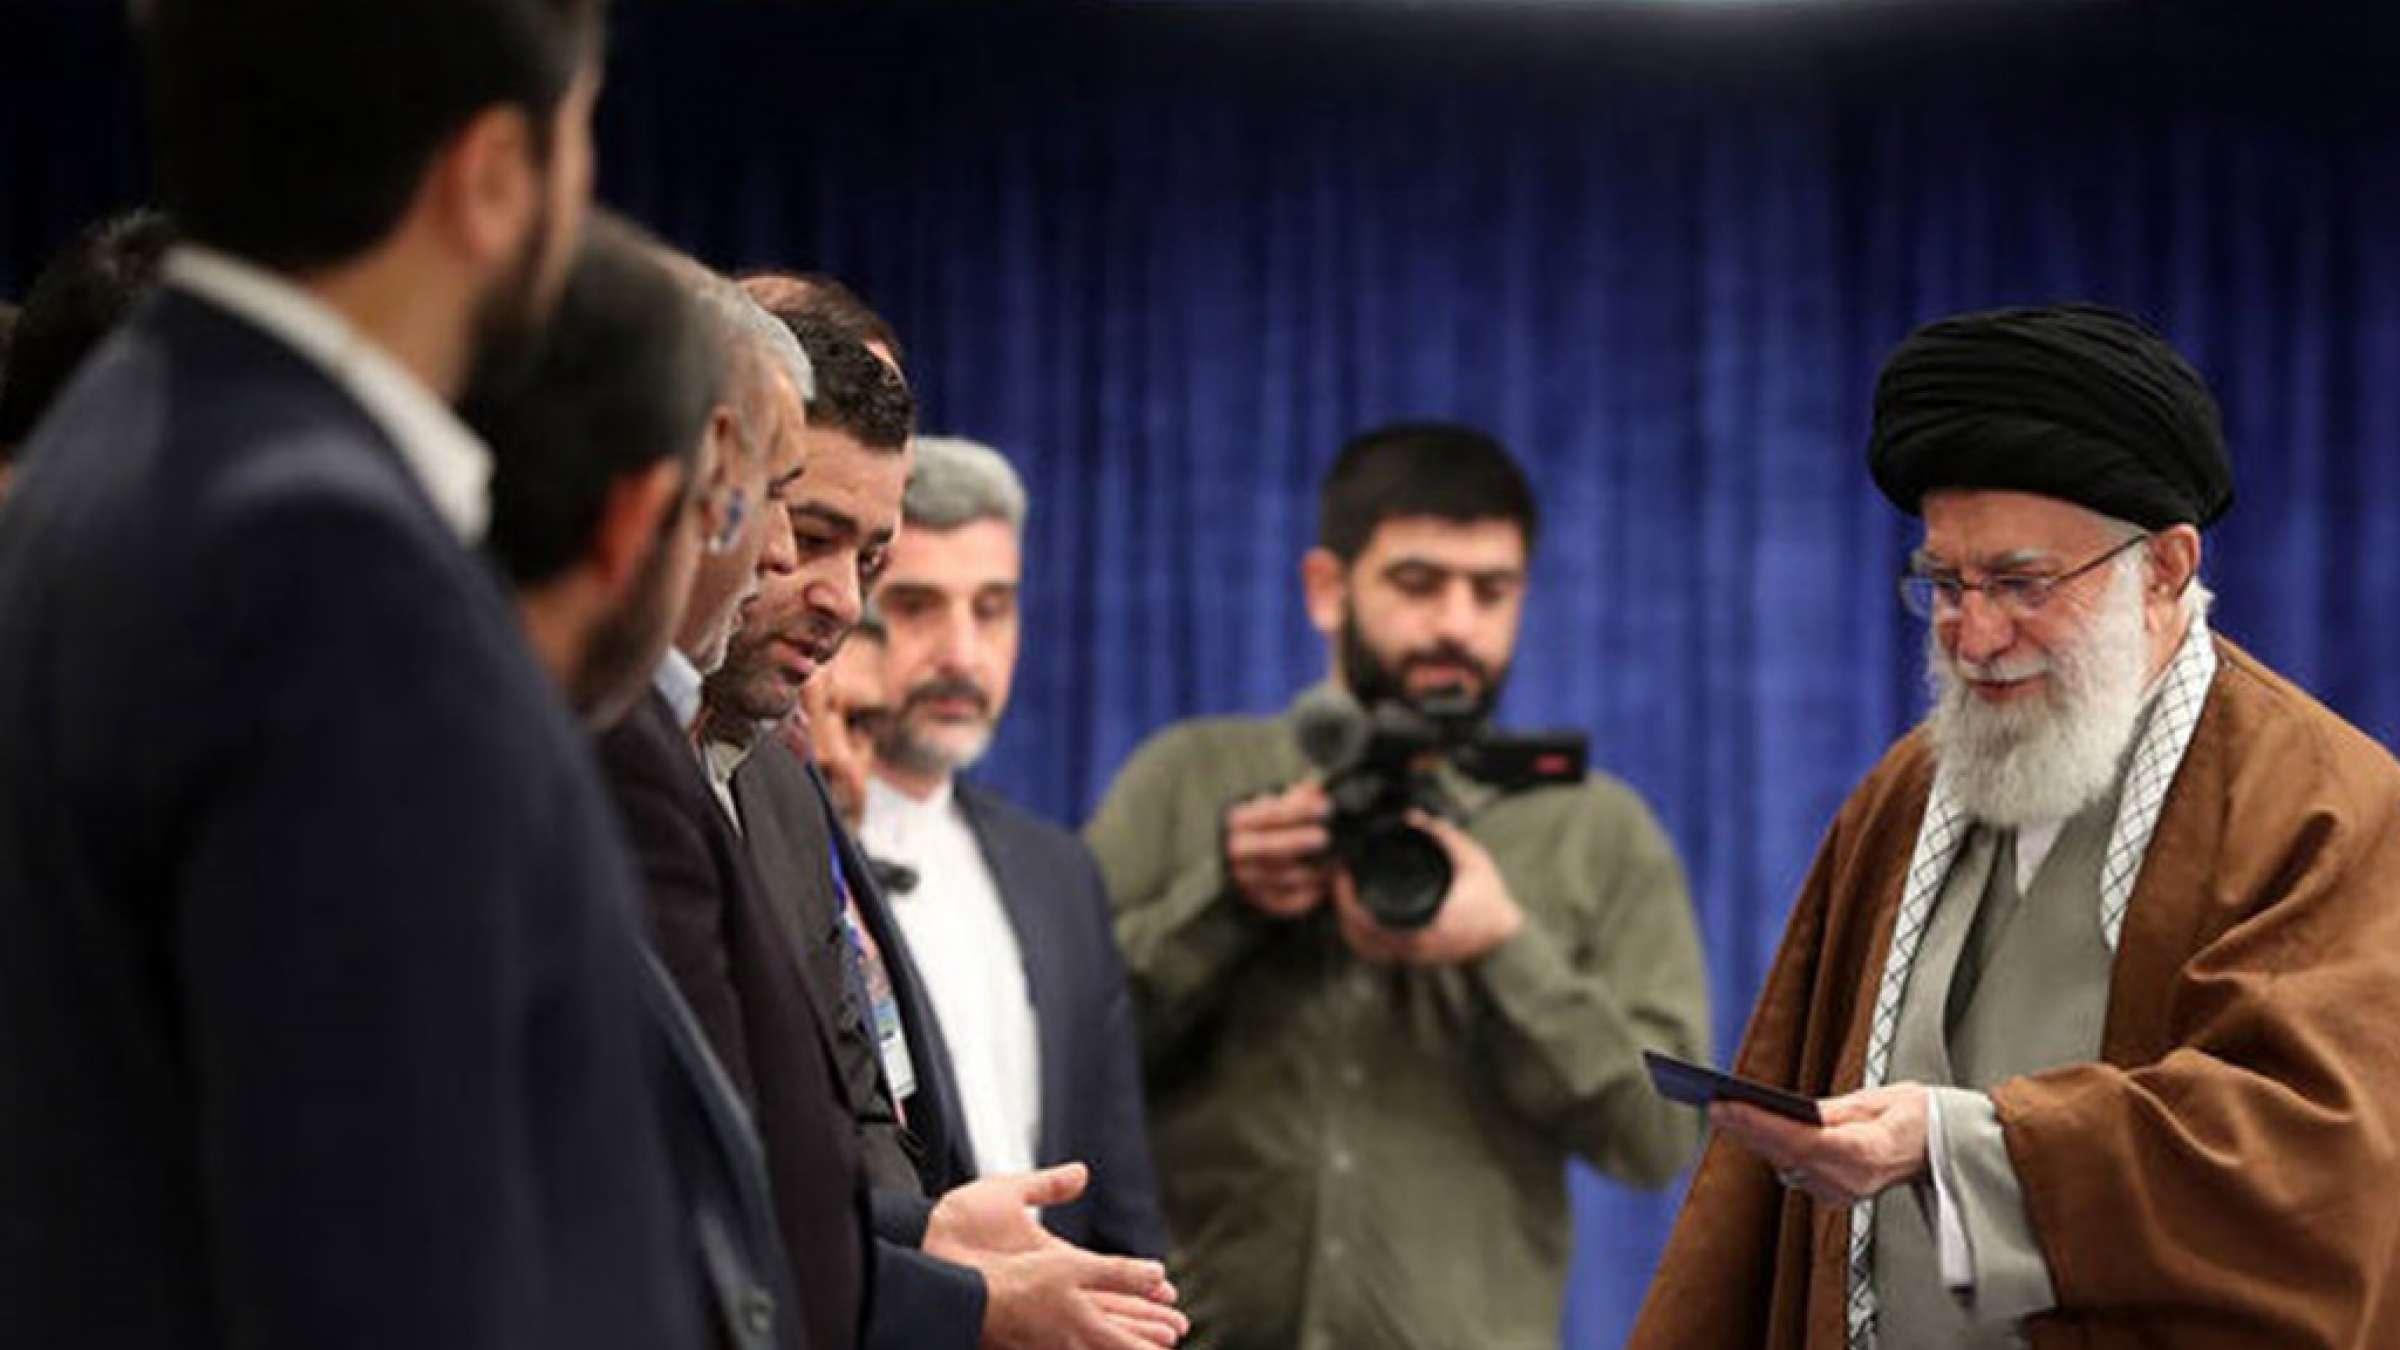 گزارش-تحلیلی-ایران-پیدا-و-پنهان-شیوع-انفجاری-کرونا-در-ایران